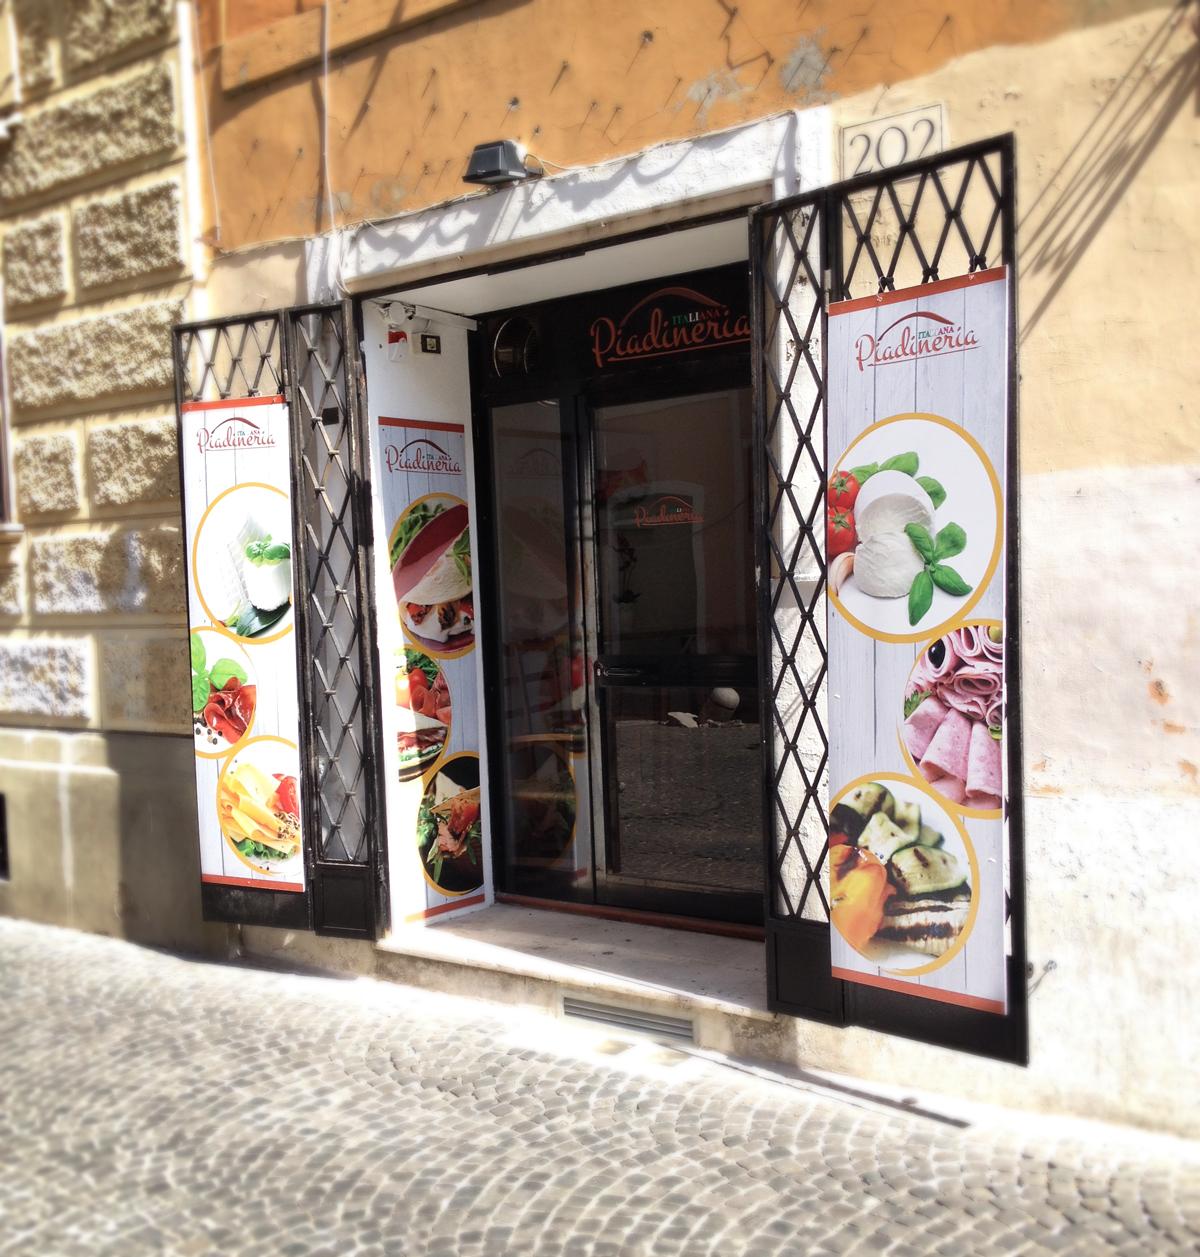 Piadineria Italiana Pannelli by Maniac Studio